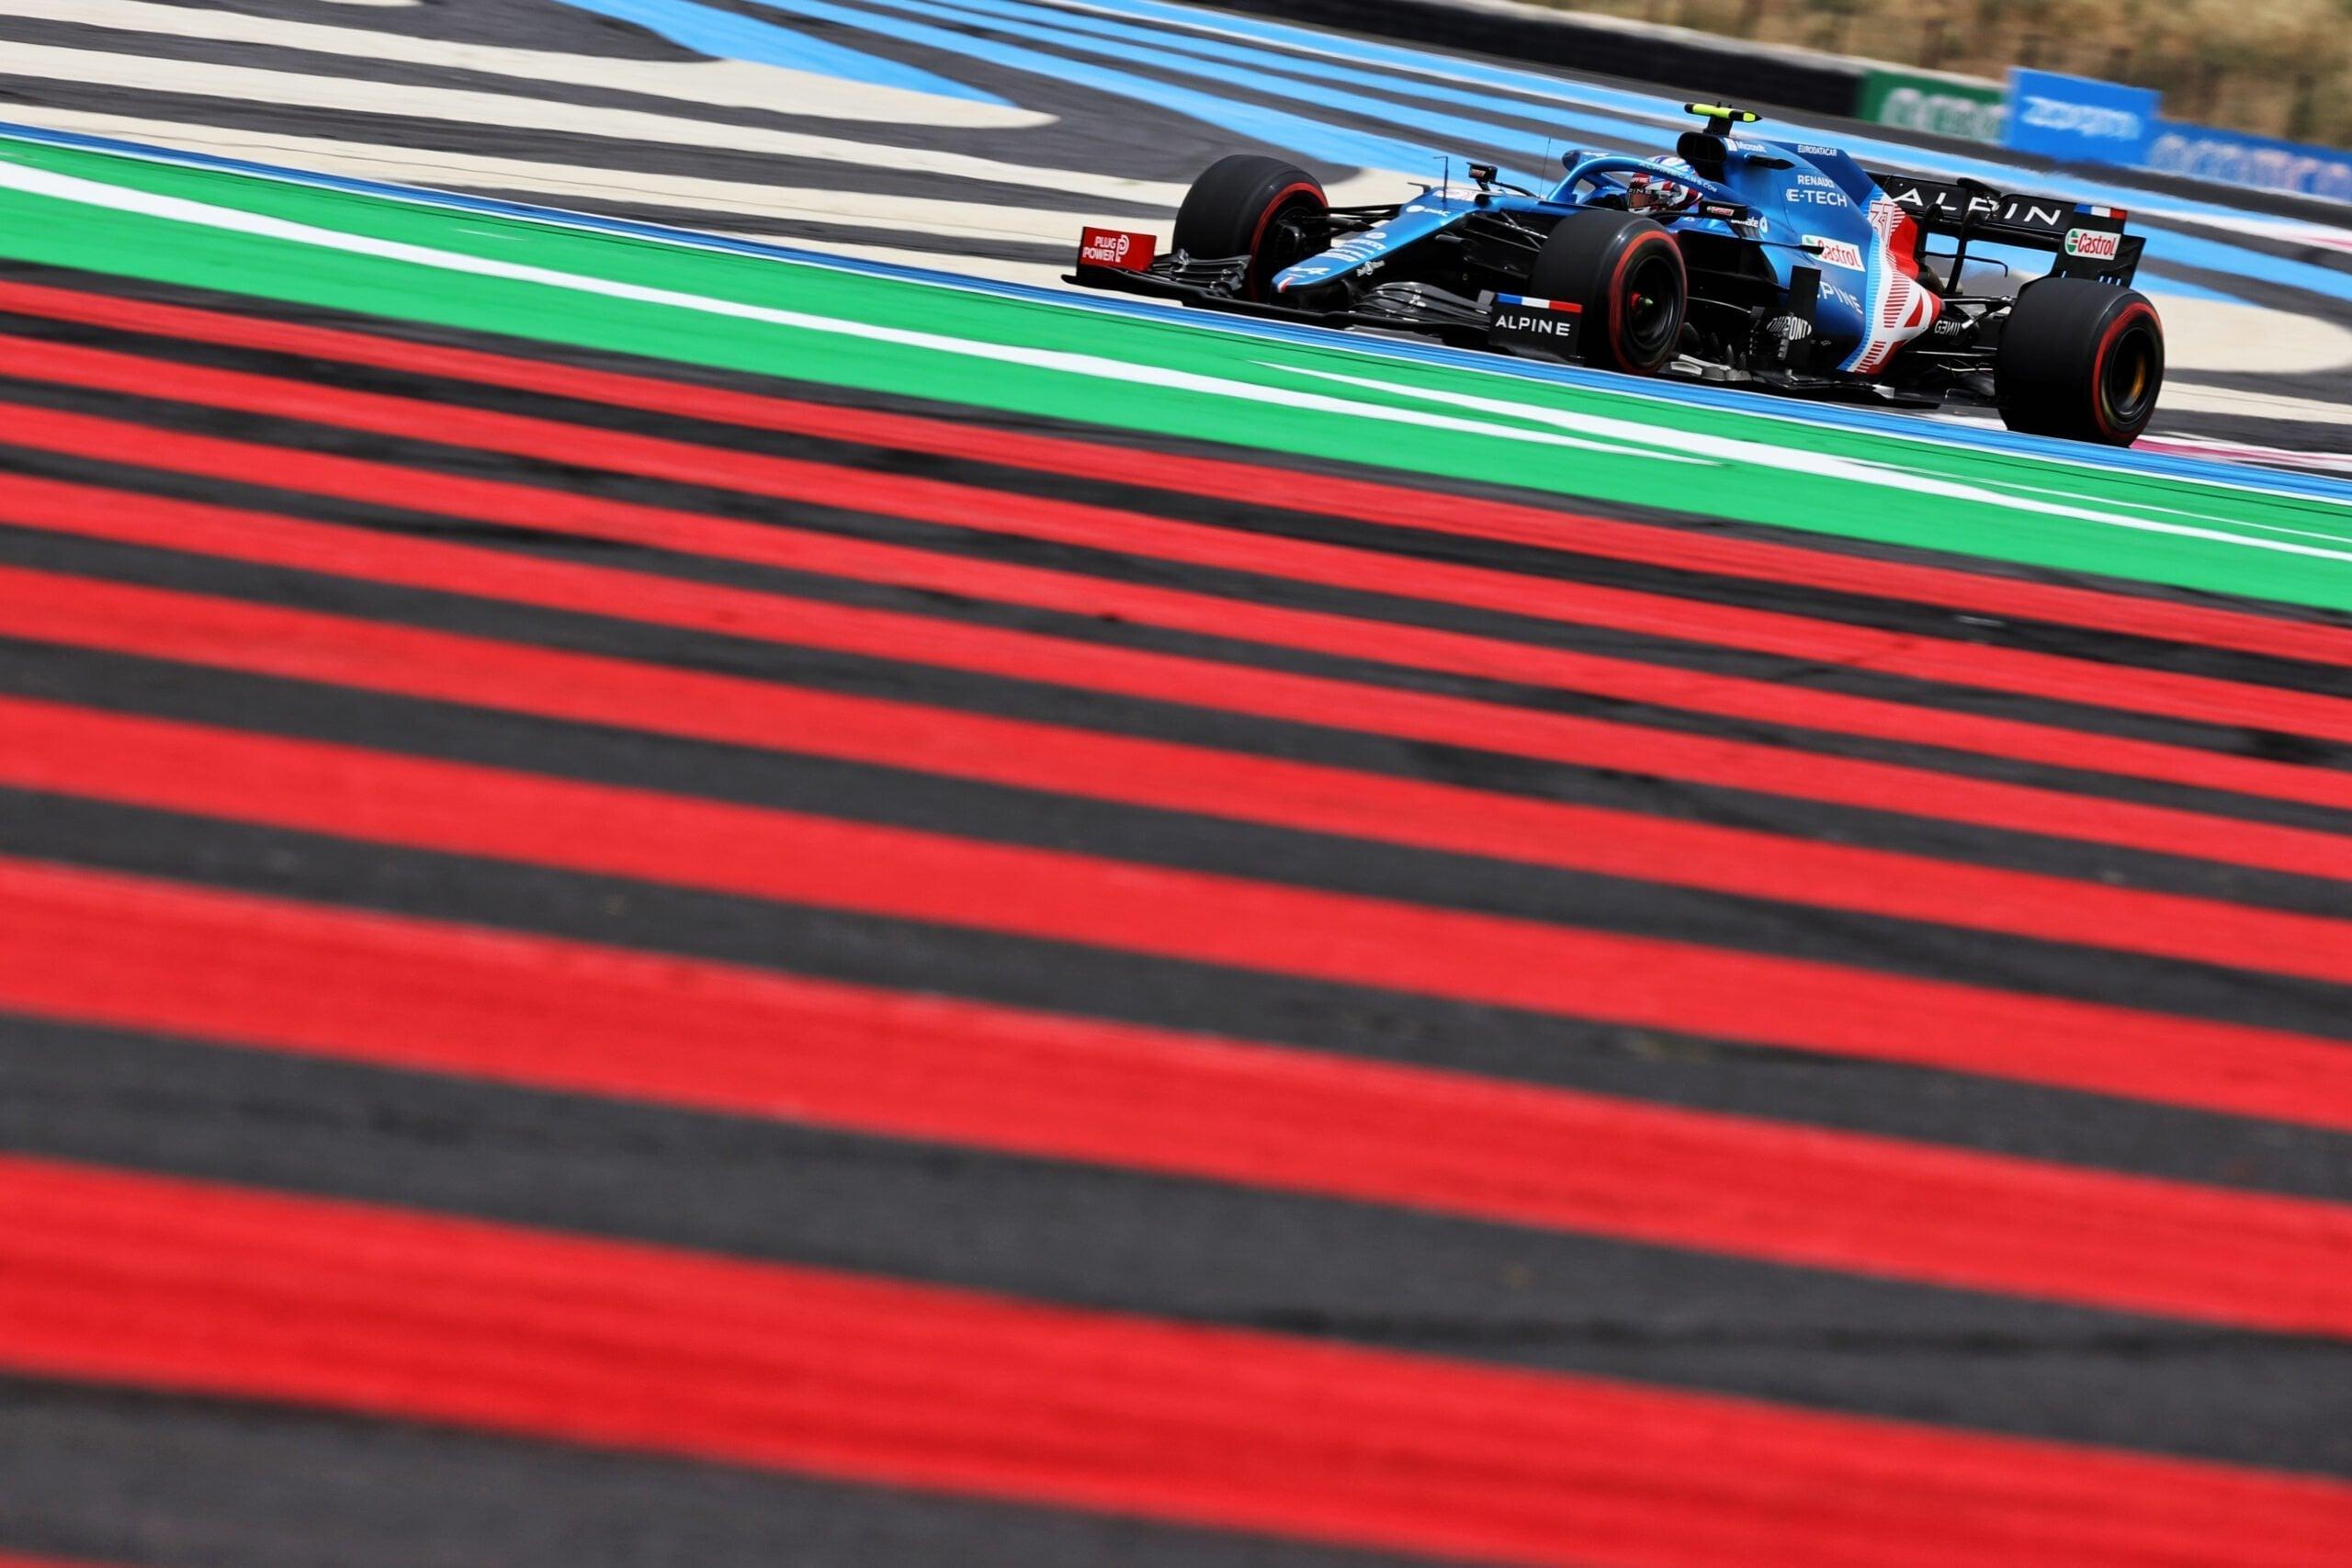 Alpine F1 Team A521 Alonso Ocon Castellet GP FRance 2021 3 scaled   Alpine F1 : Alonso entre en Q3, Ocon bloque en Q2 au Grand-Prix de France